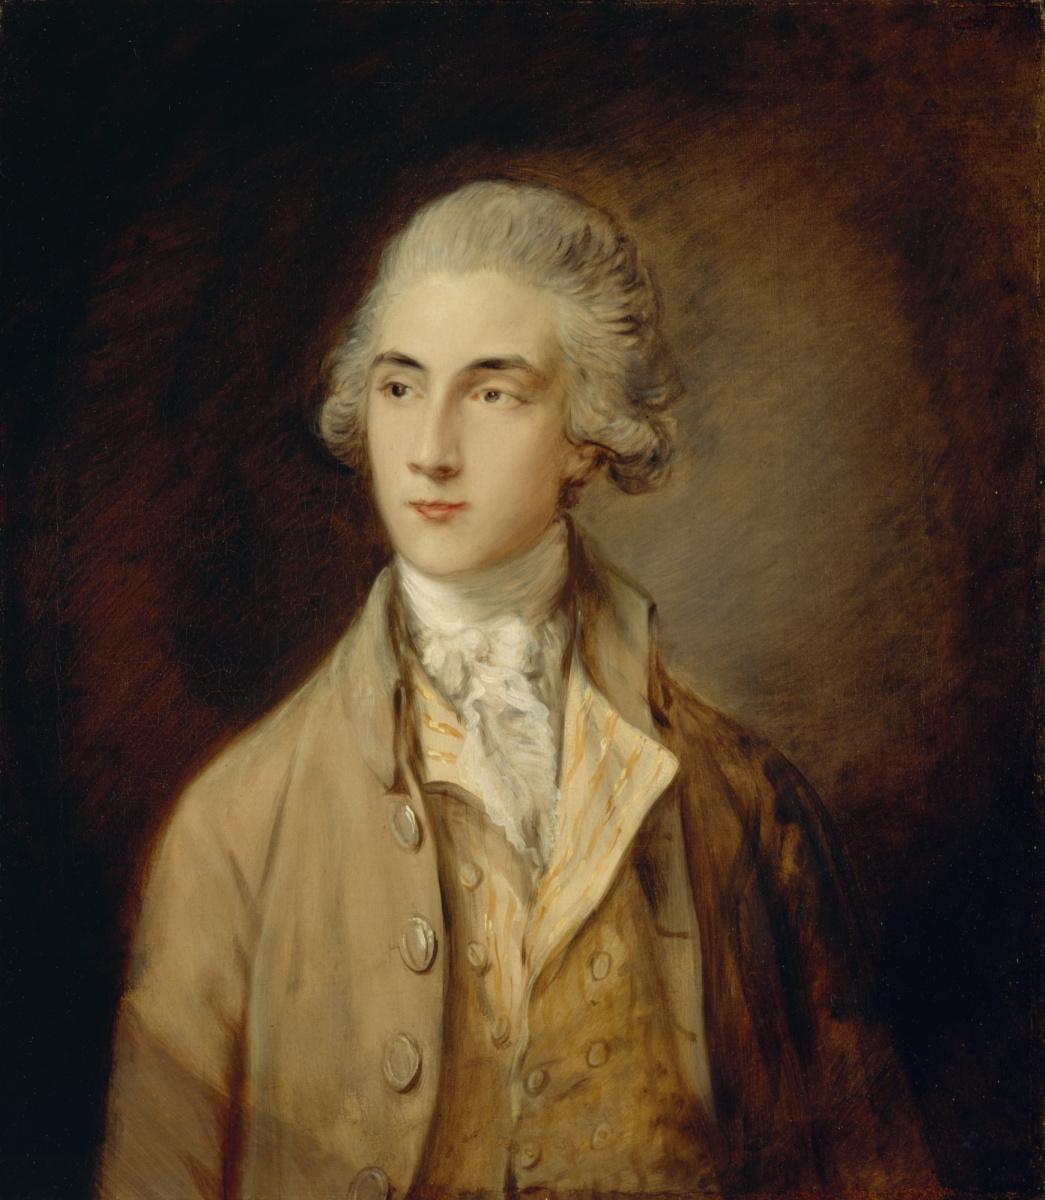 Thomas Gainsborough. Edward Swinburne